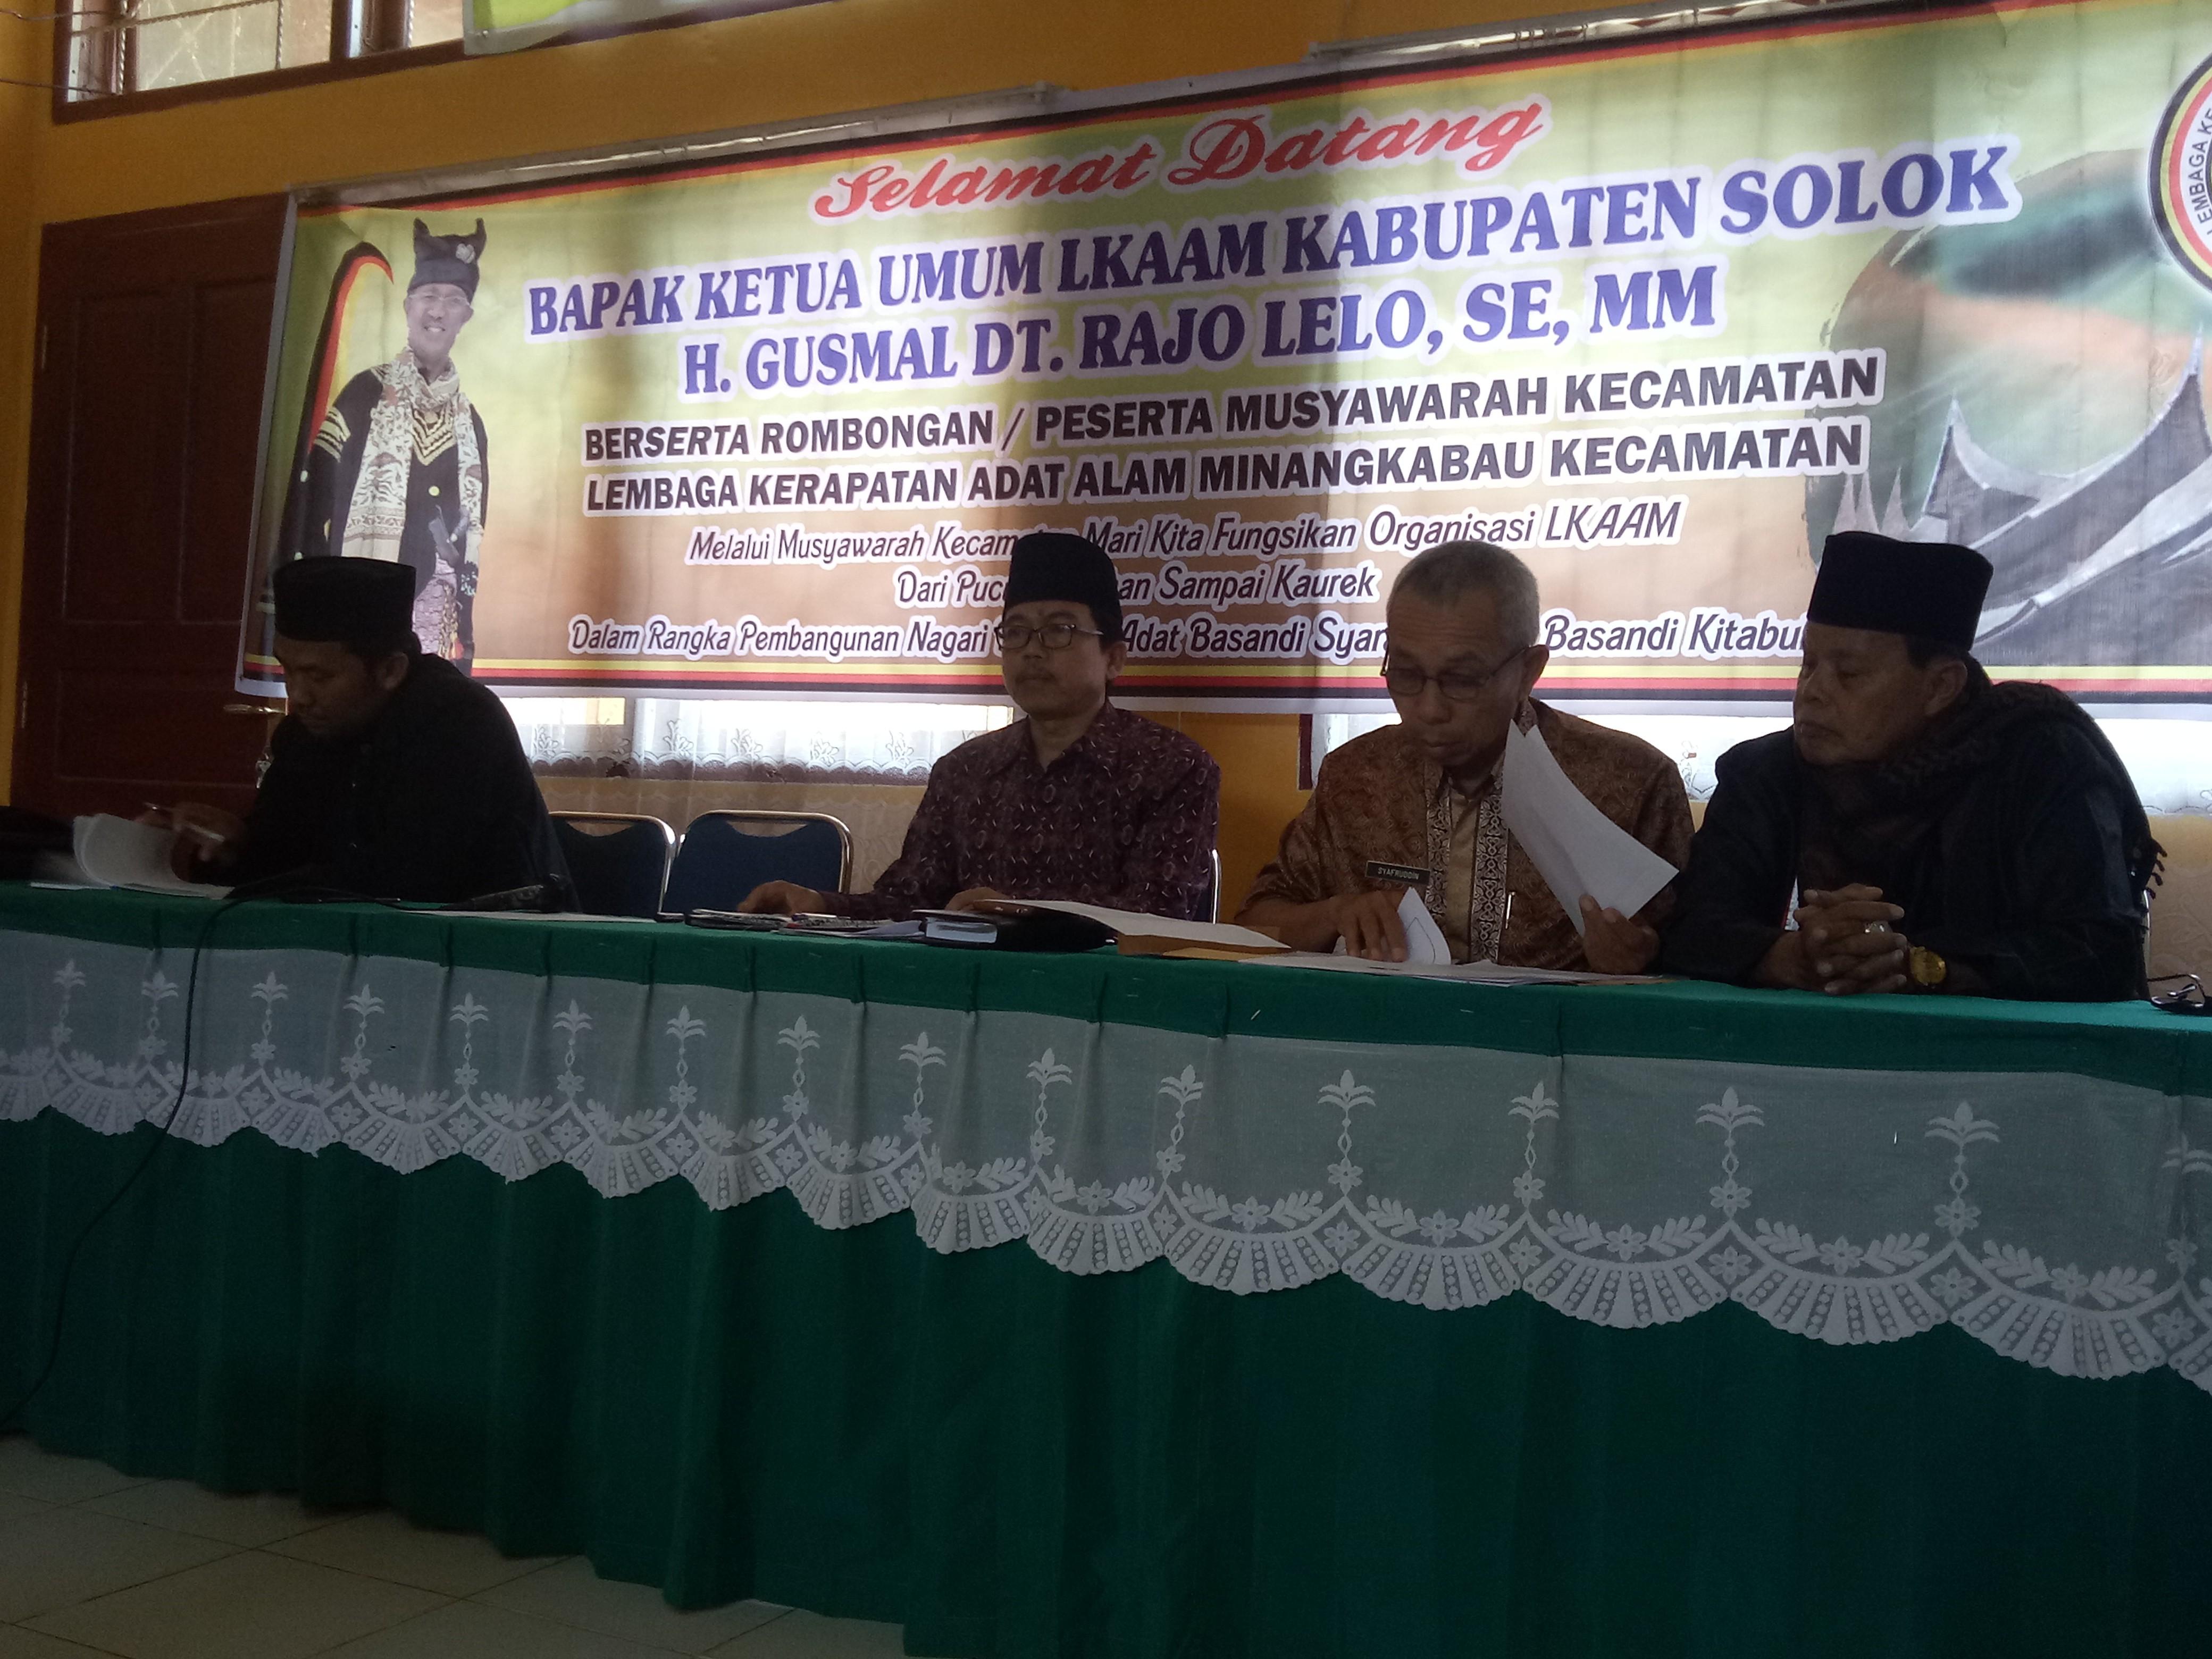 Pemilihan Kepengurusan LKAAM Kecamatan Hiliran Gumanti periode 2019-2002